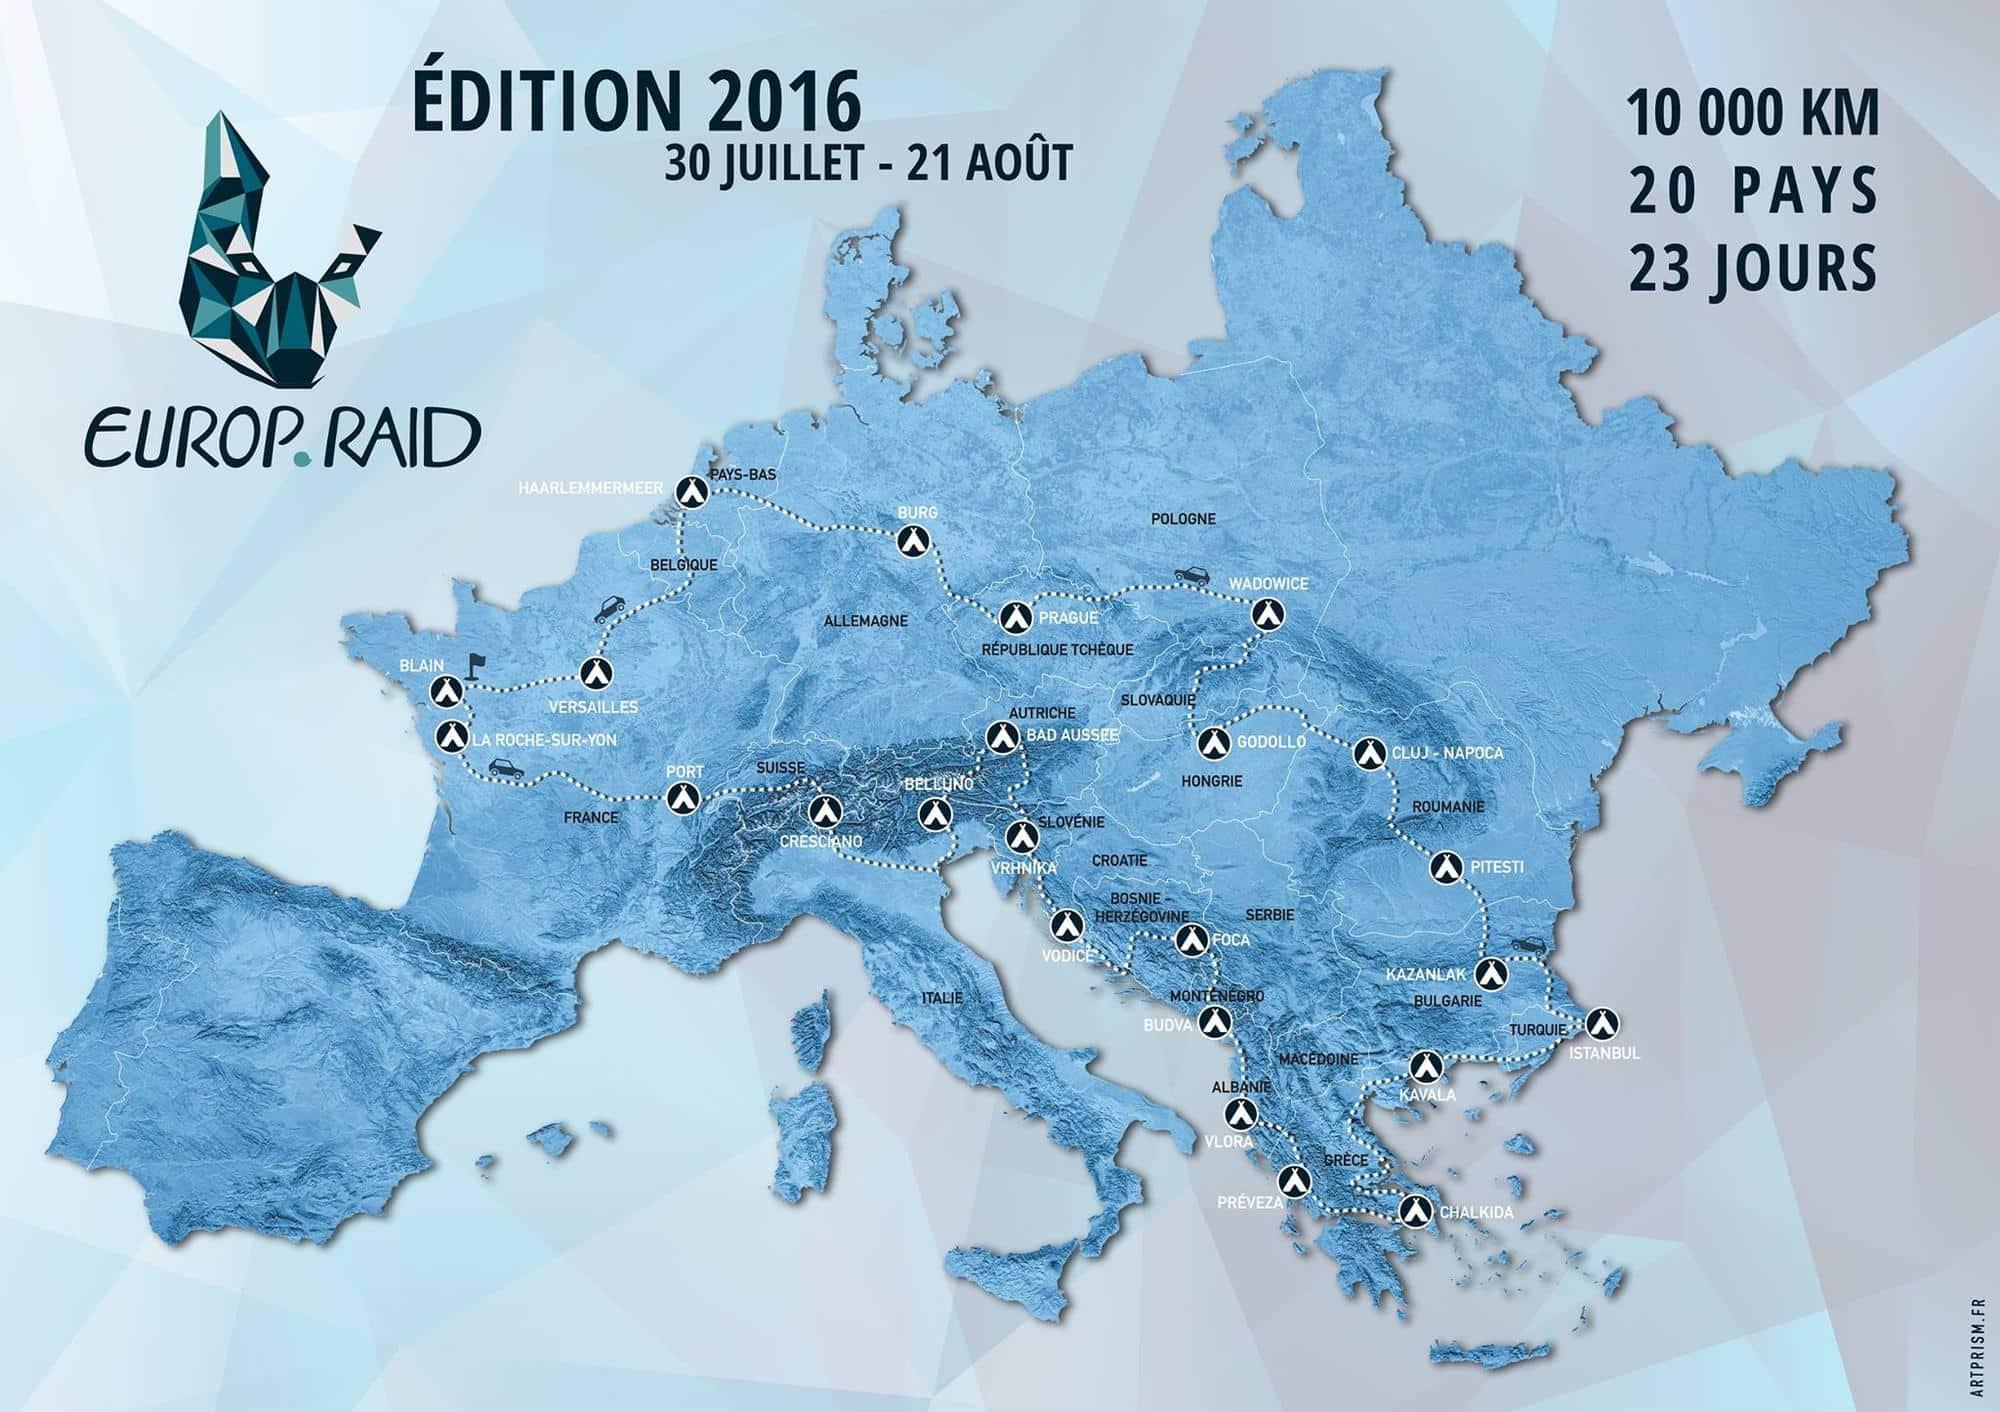 L'itinéraire des équipages Europ'Raid pour l'édition 2016.